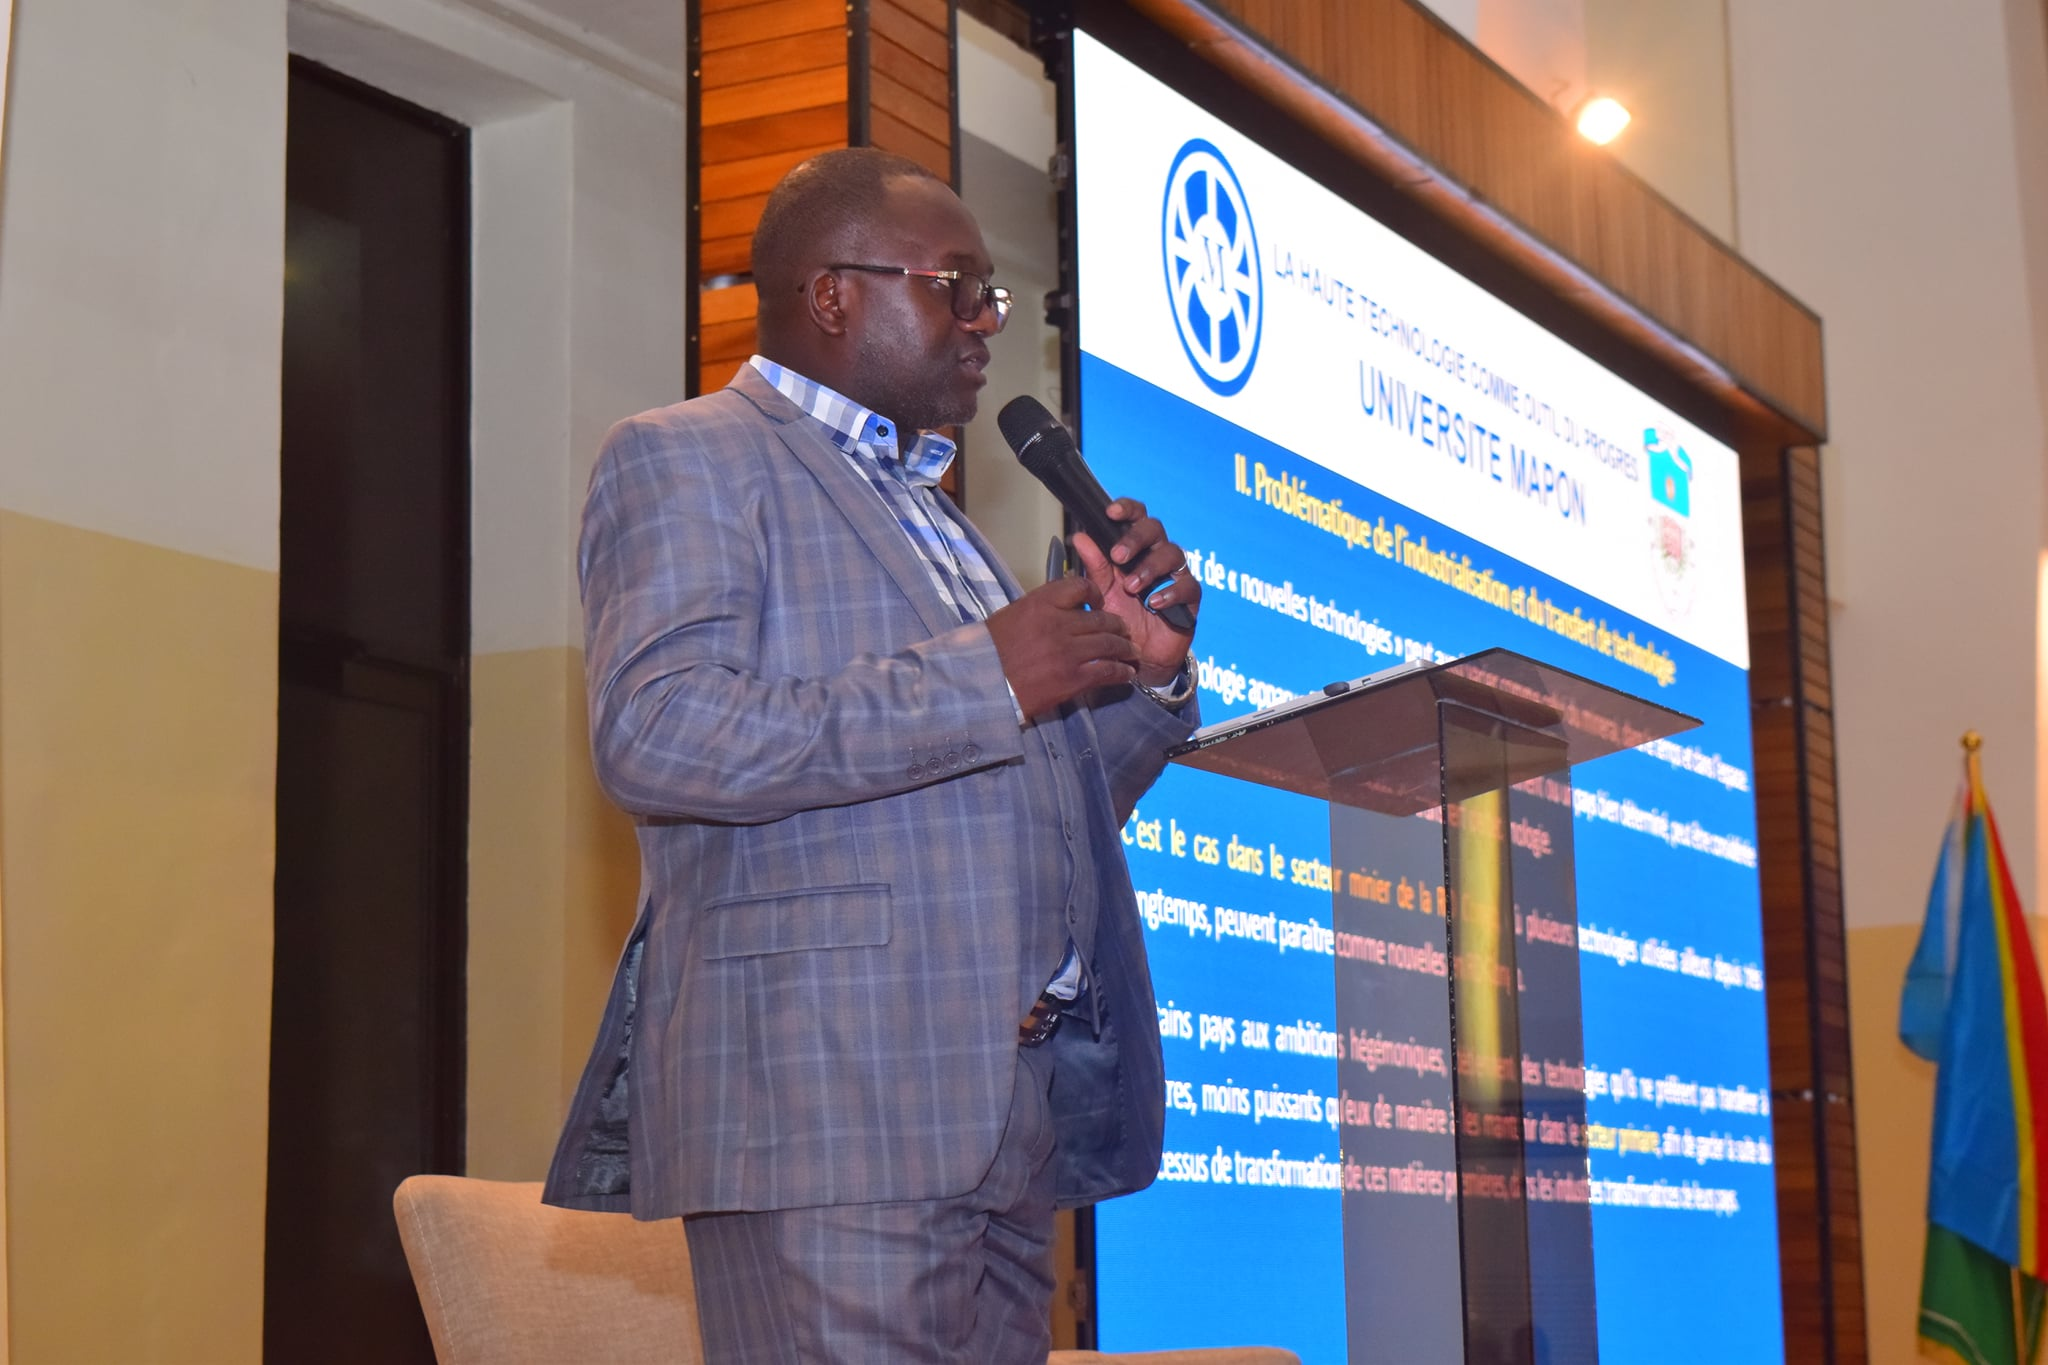 Problématique de la rentabilité de l'exploitation minière en RDC